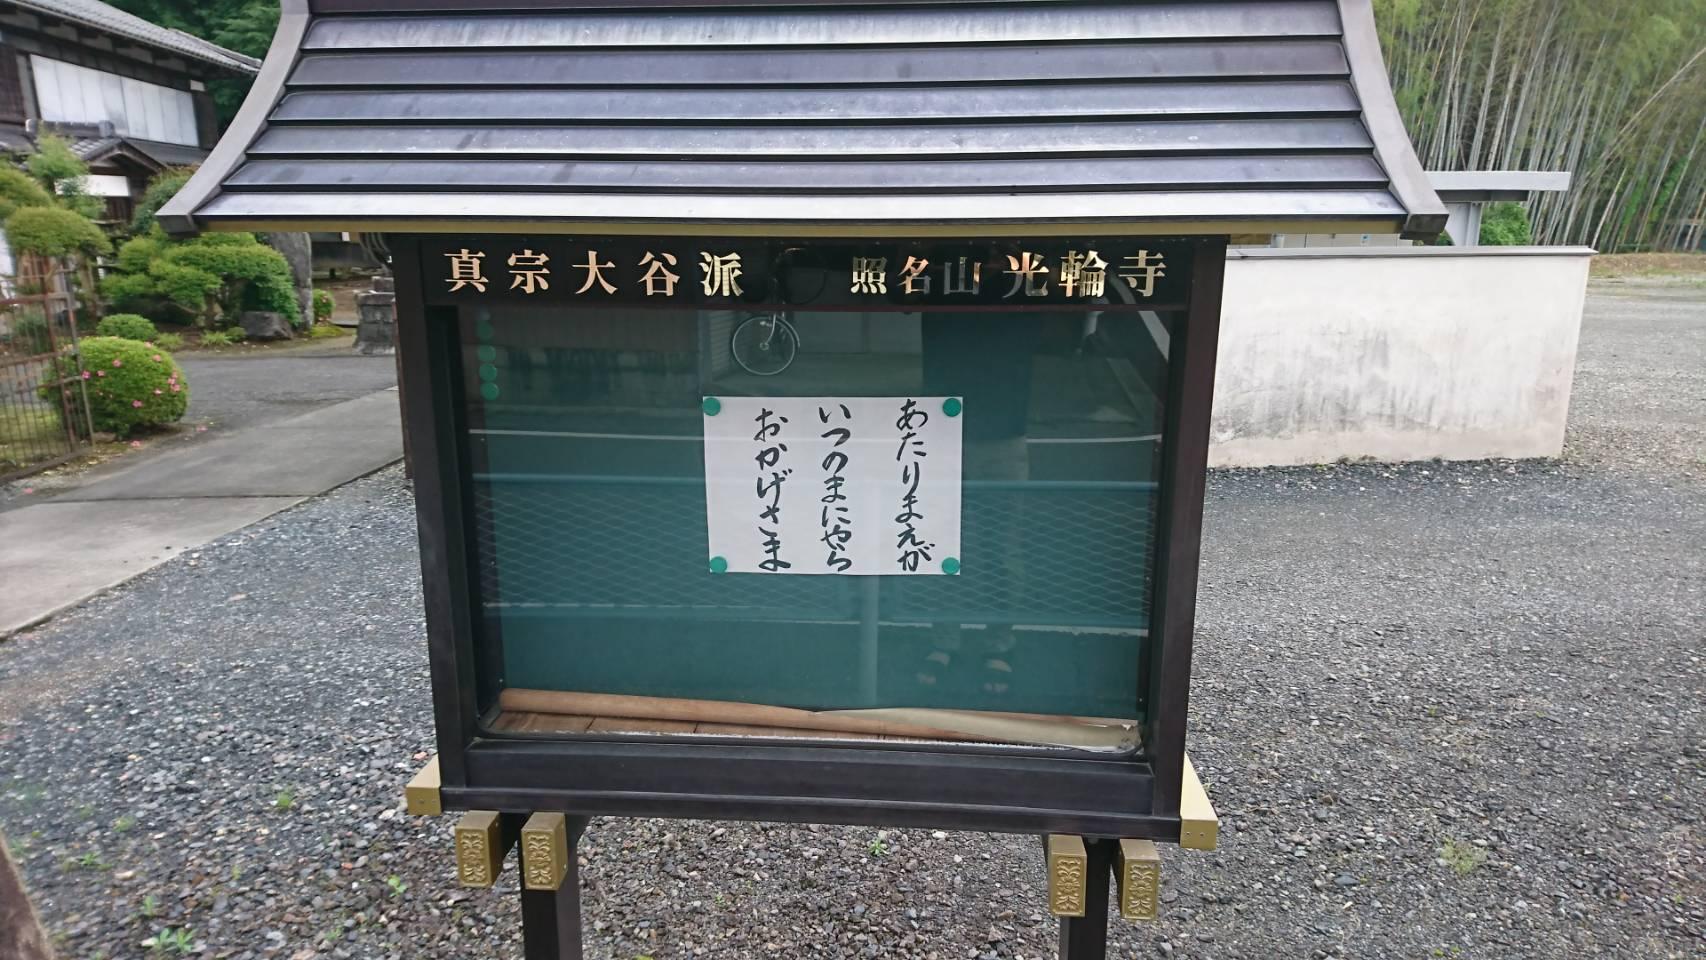 掲示板 コストコ 浜松 今月のコストコ掲示板 2021年03月のクチコミ:コストコで在庫番